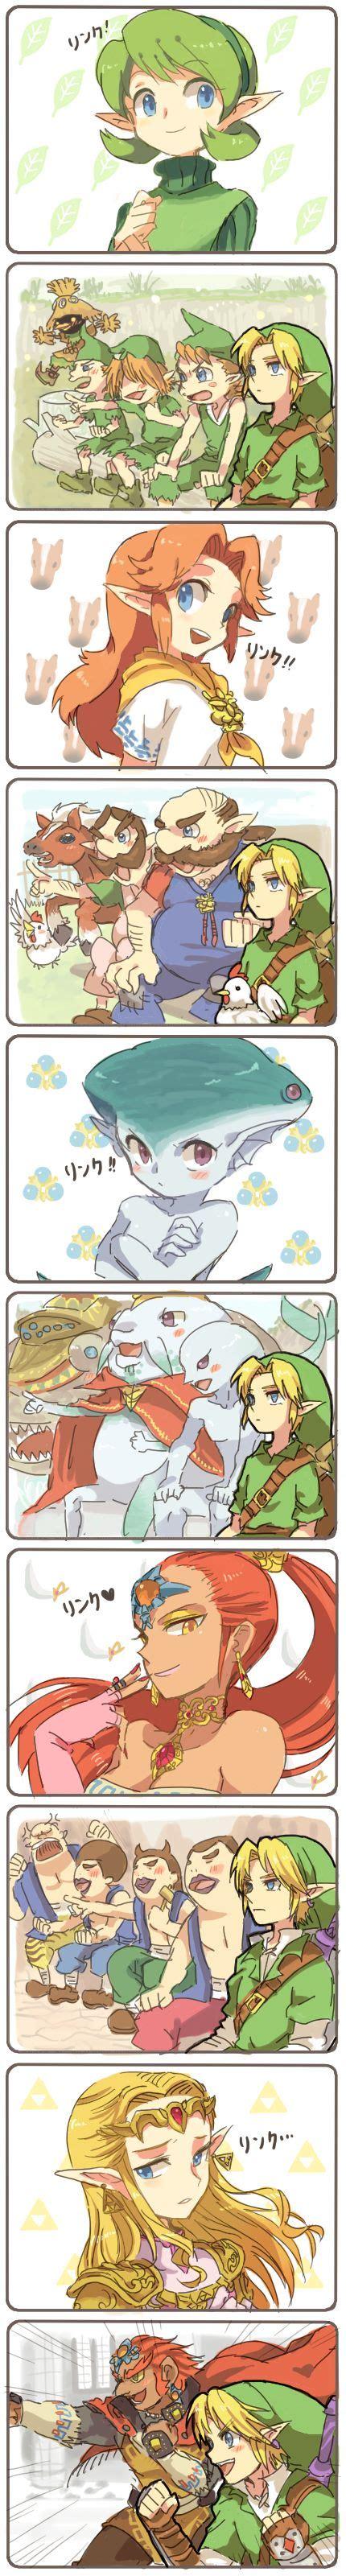 Zelda Reaction Meme - 169 best images about legend of zelda on pinterest